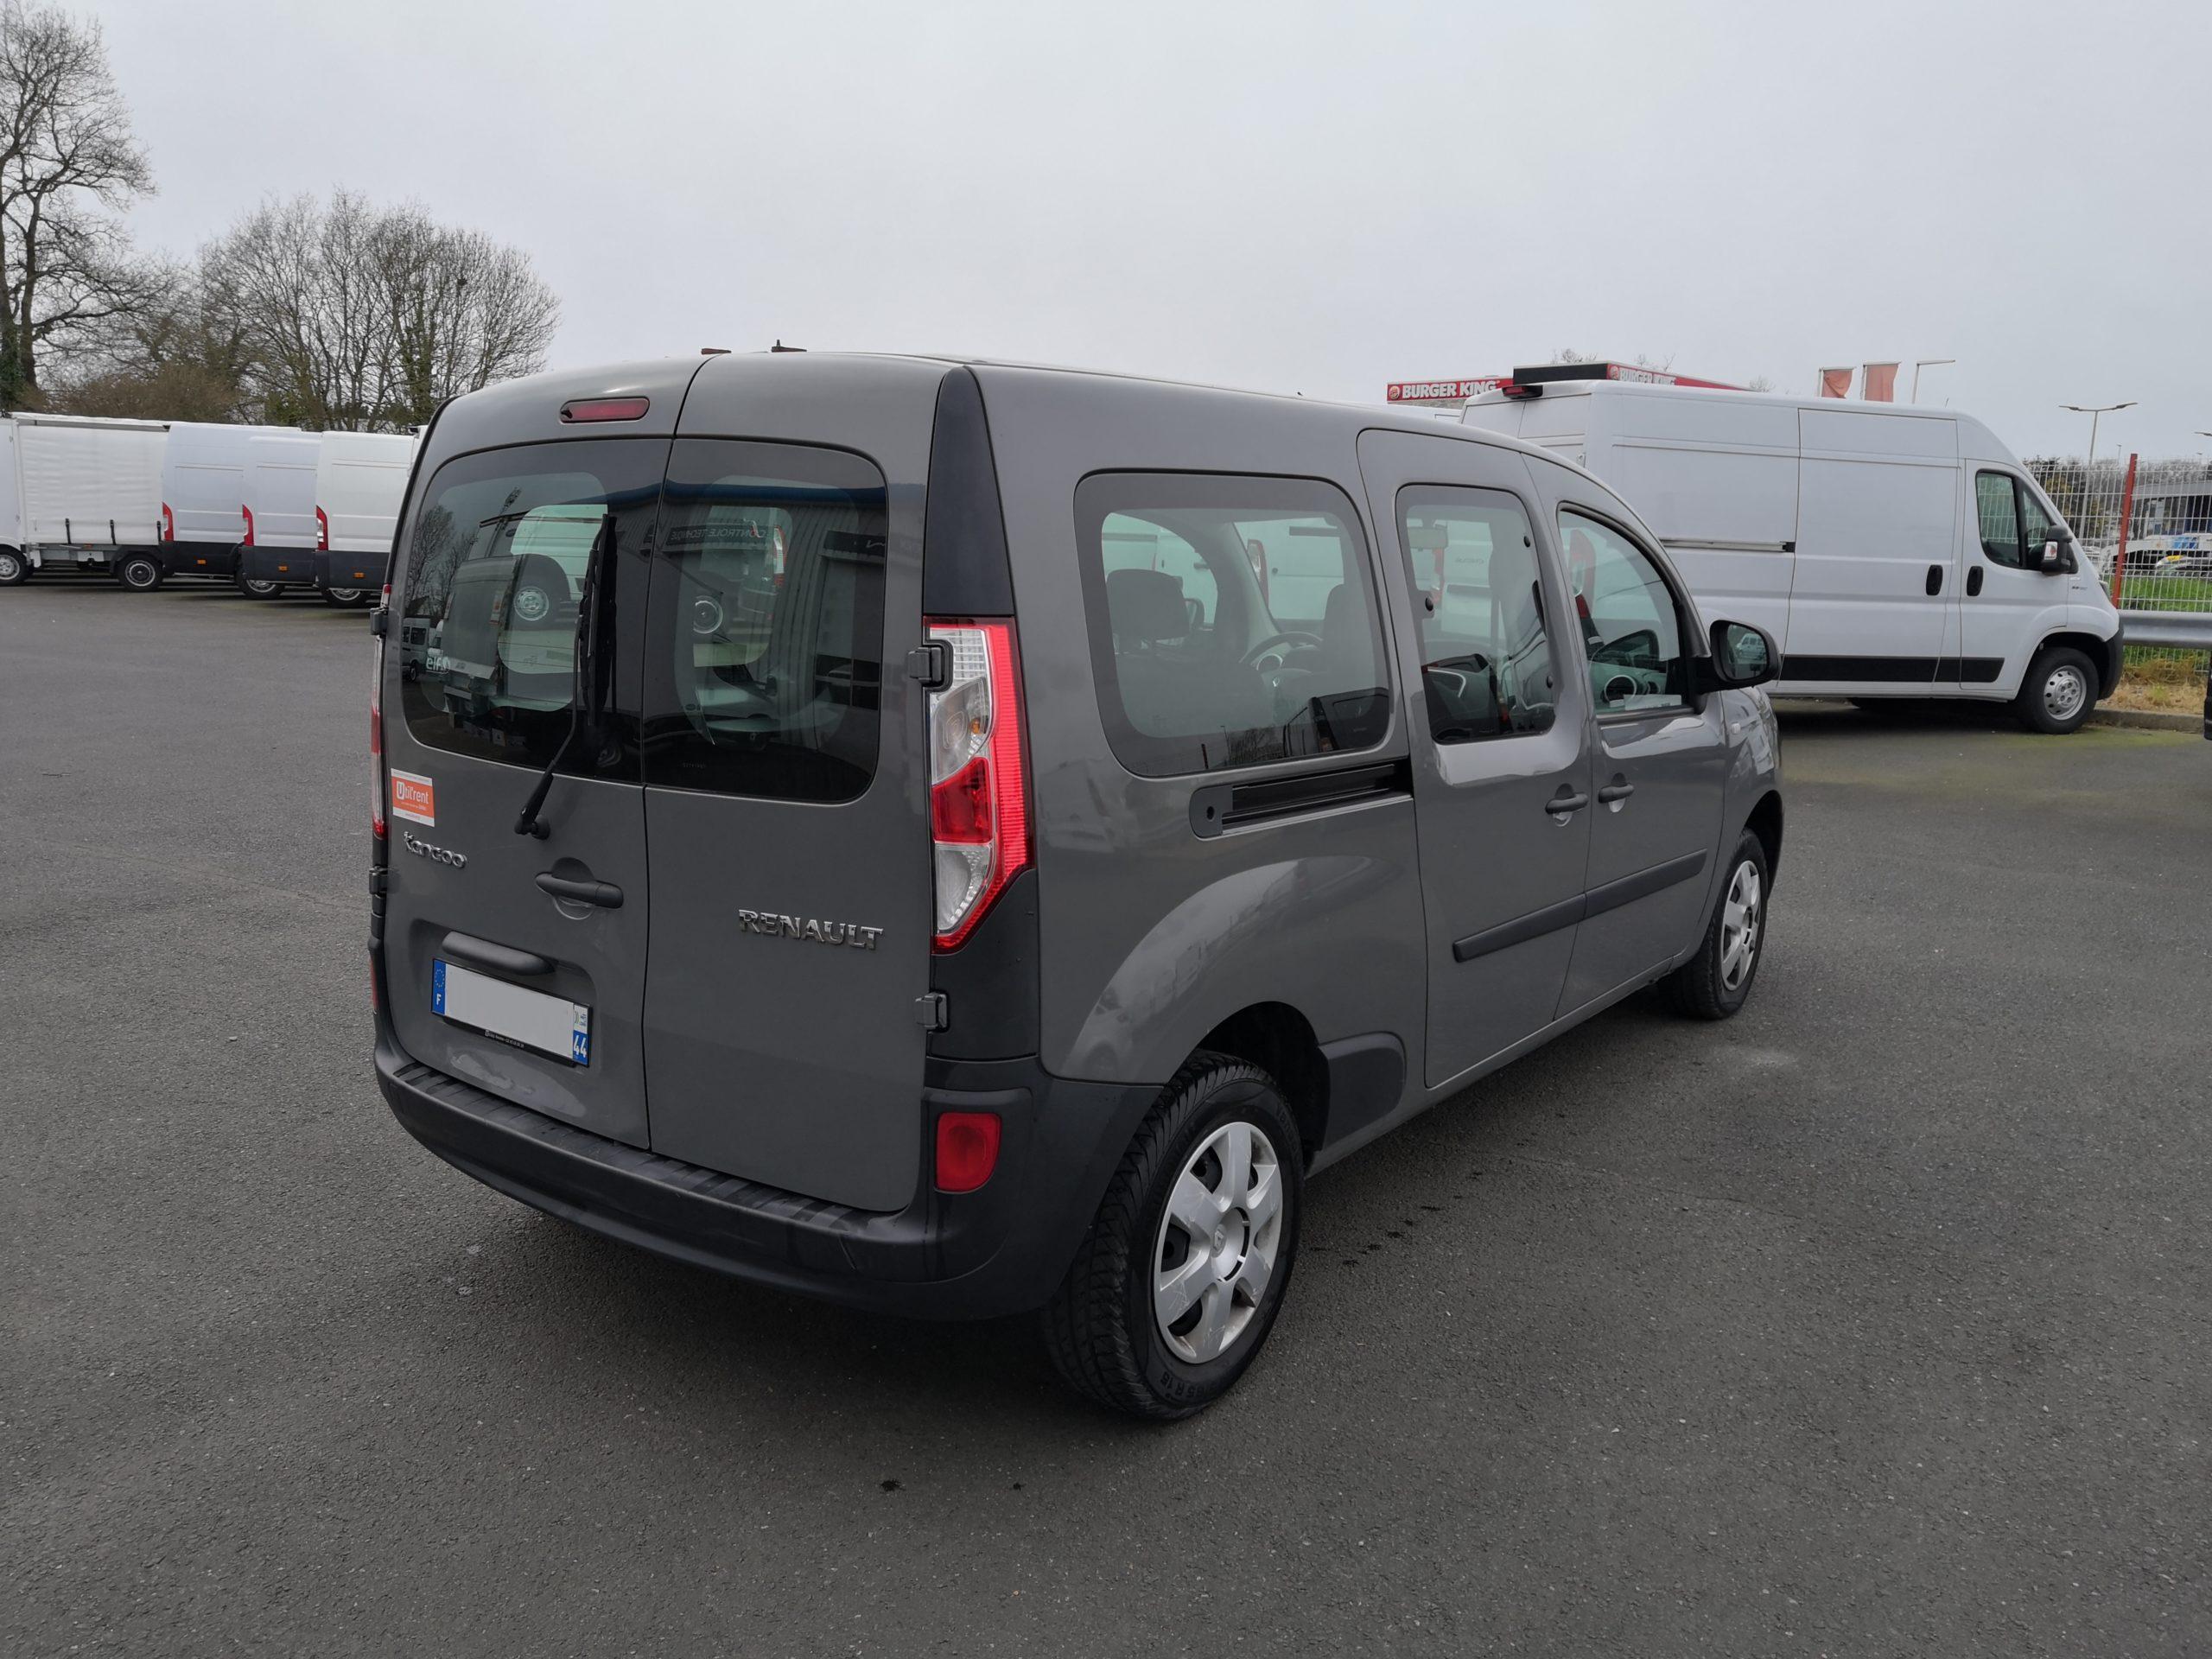 Location d'un utilitaire fourgonnette double cabine - Renault Kangoo -Vue2